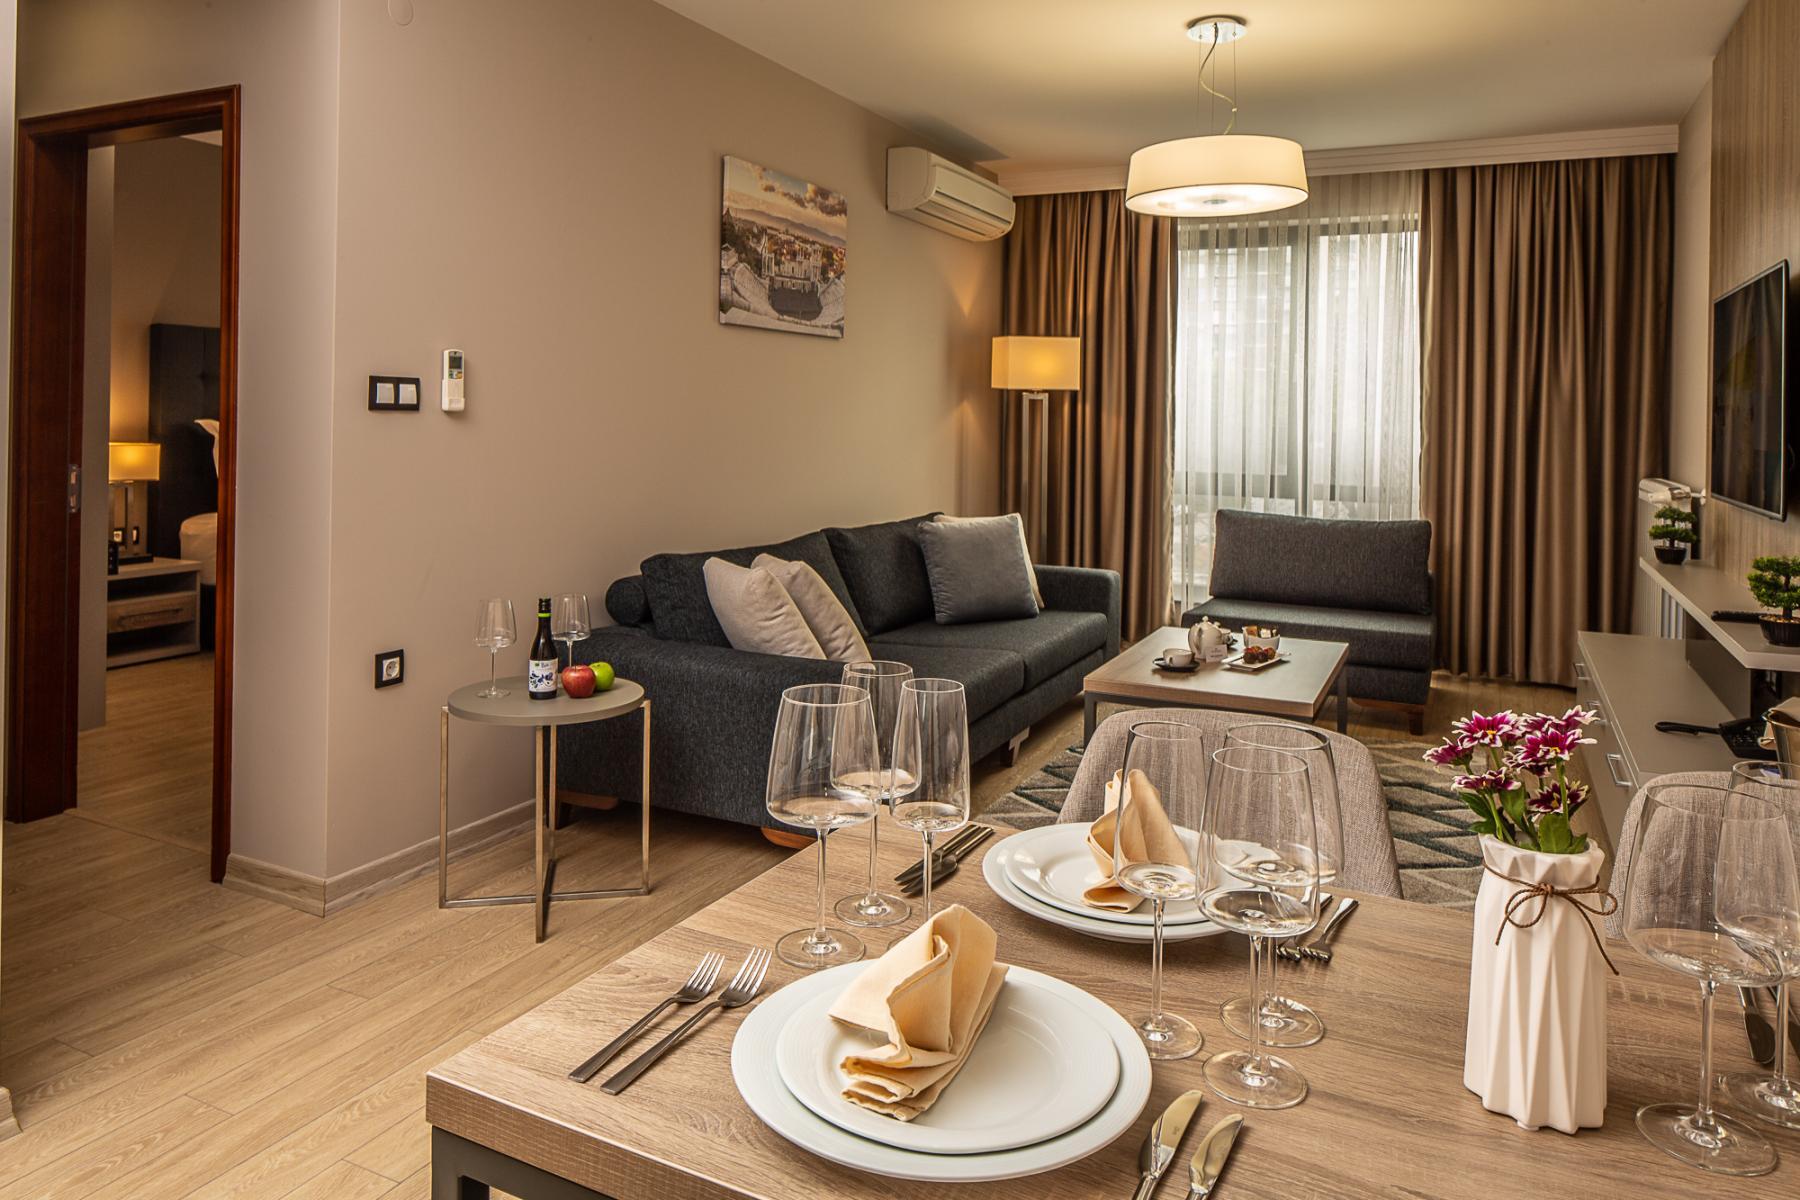 Нощувка със закуска за двама в хотел Бест Уестърн Премиер****, Пловдив, снимка 9